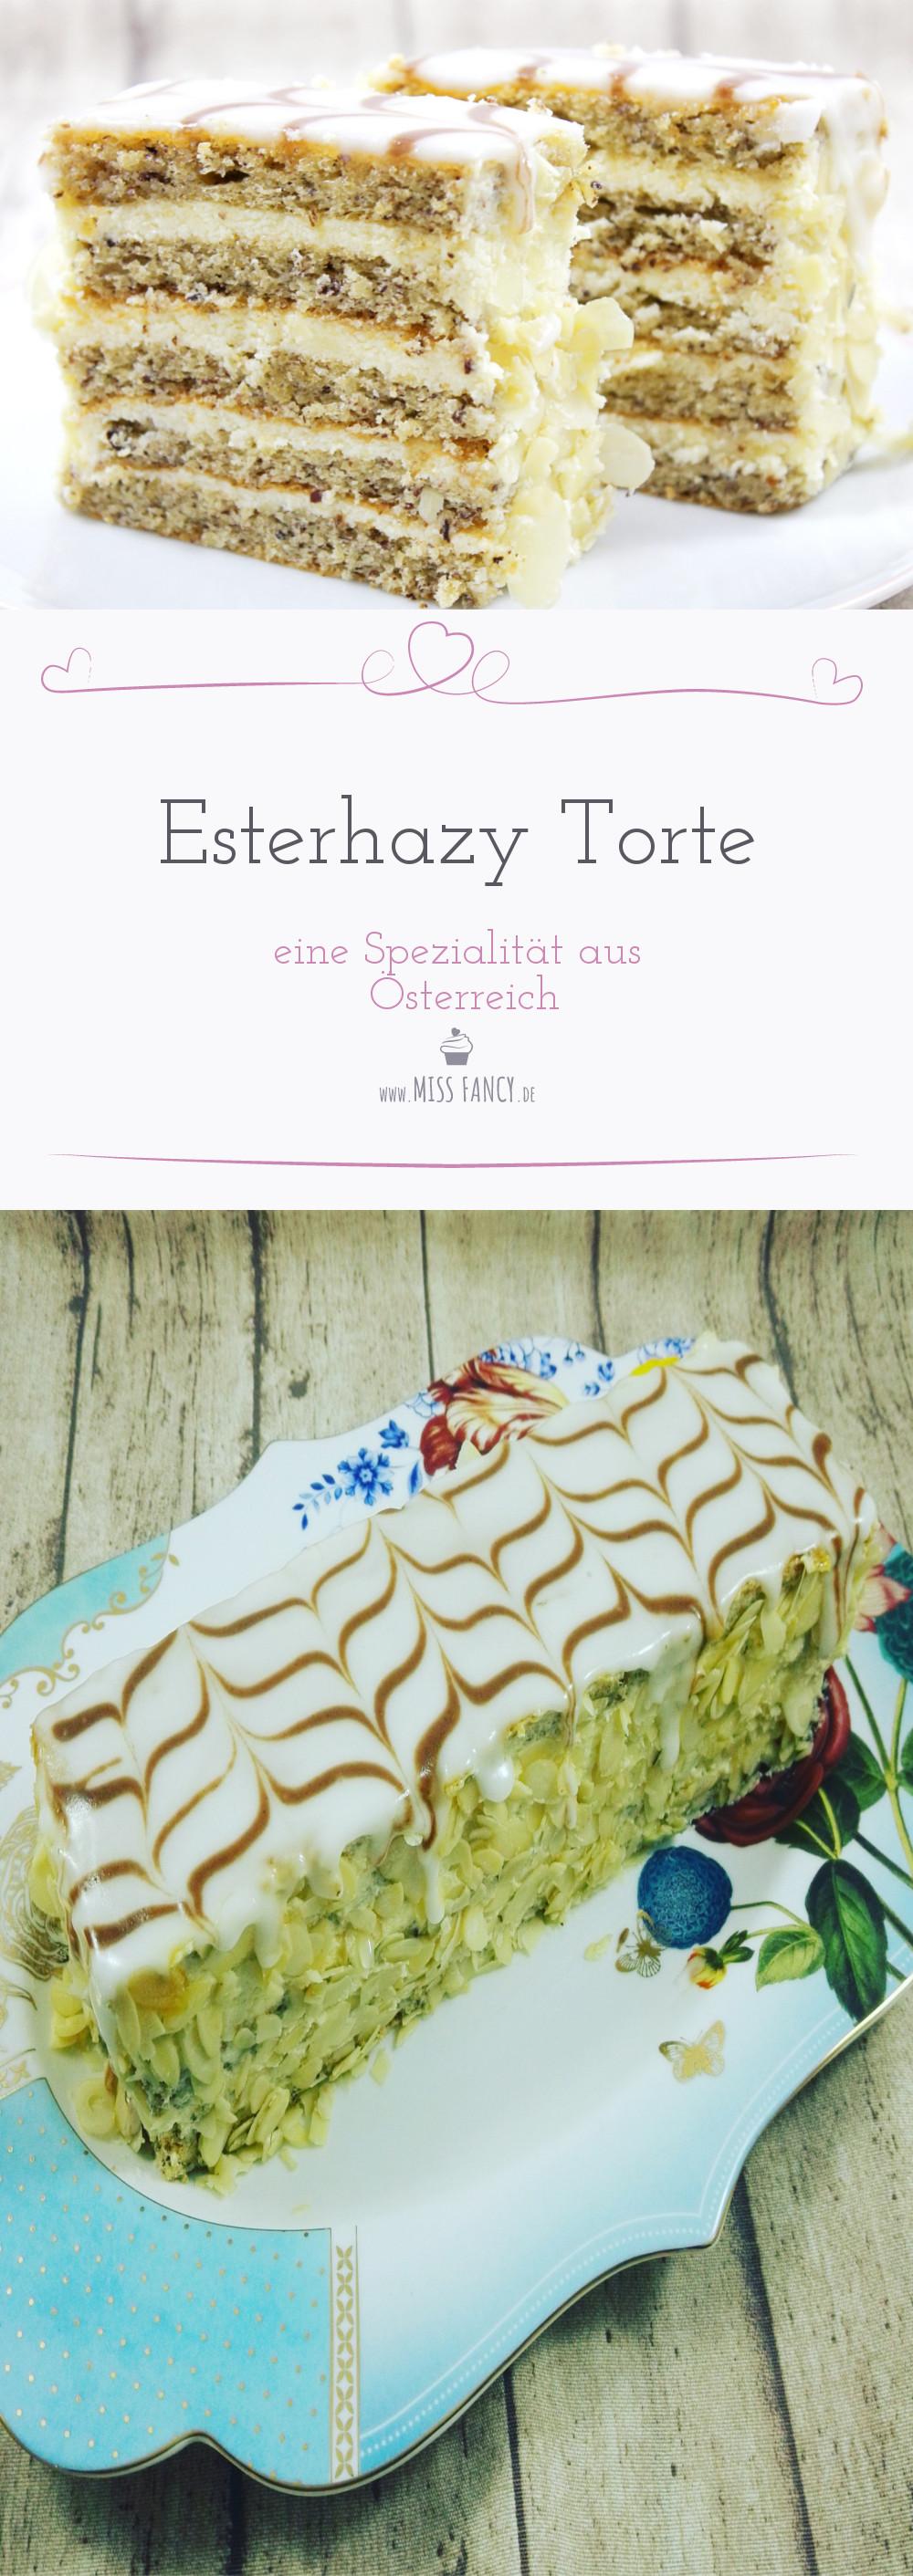 Eine Torte die in Österreich serviert wird benannt nach Familie Esterhazy